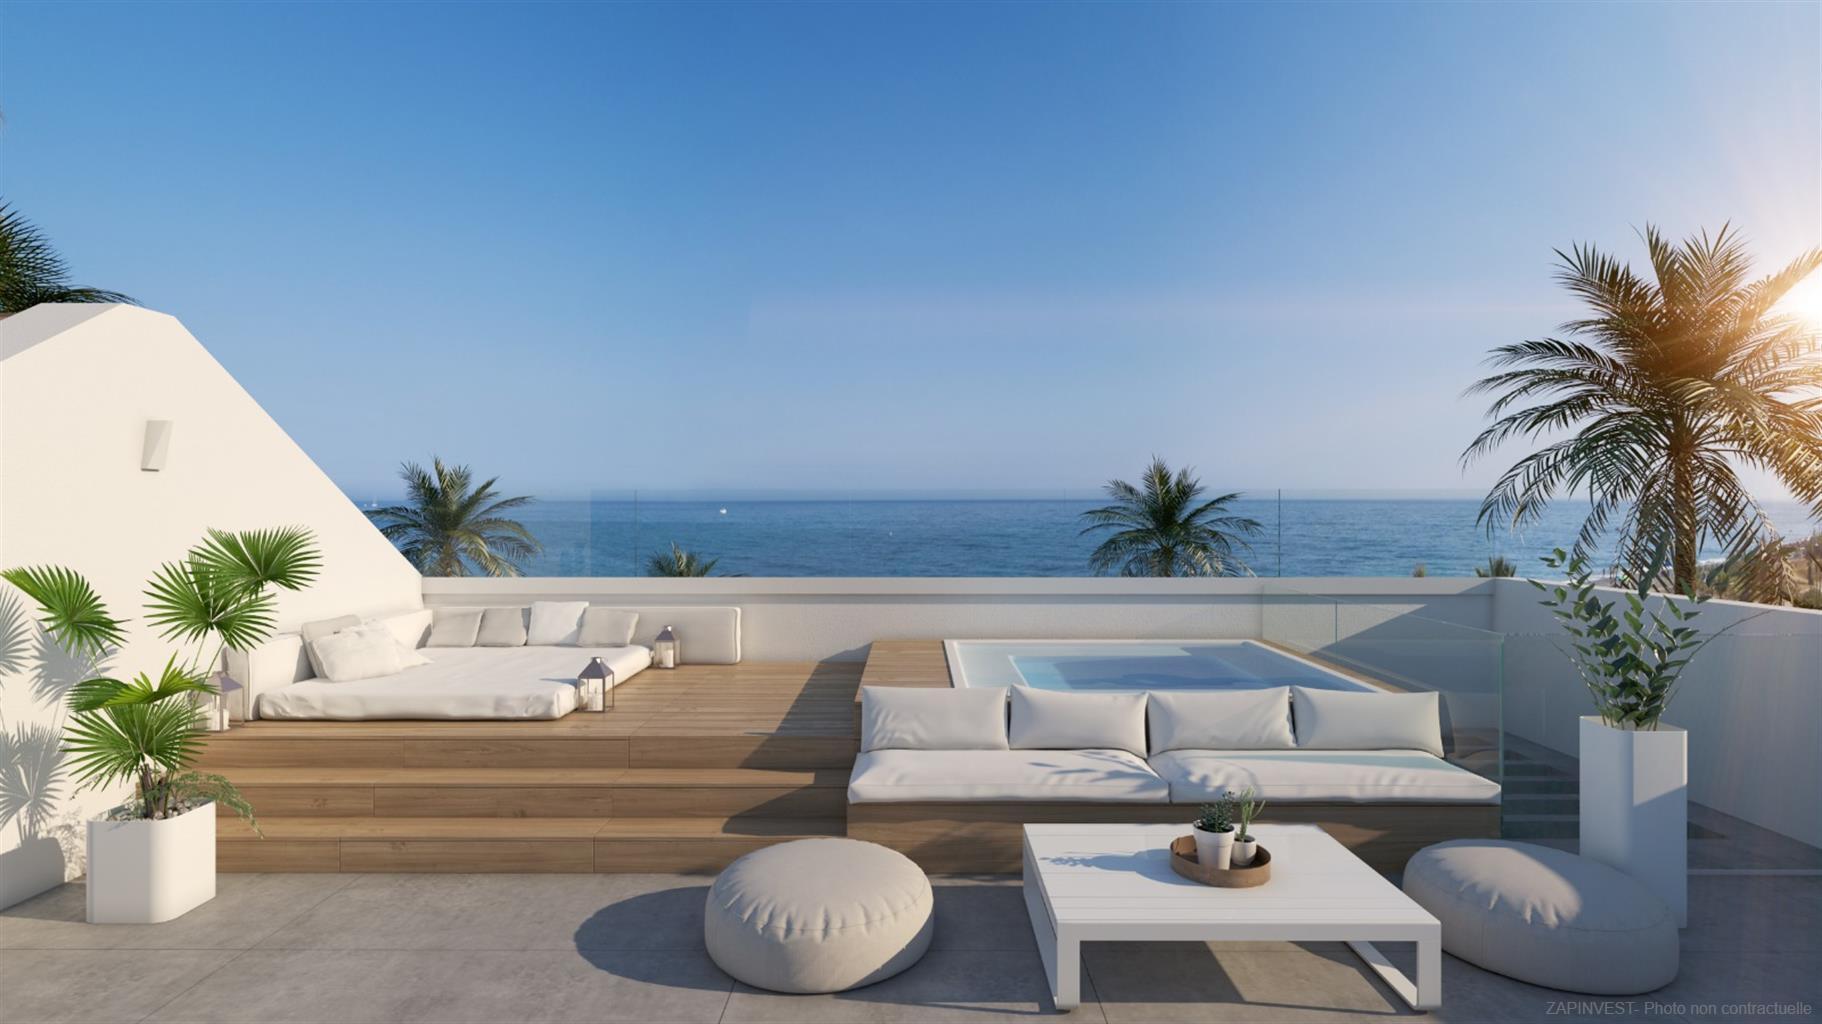 Luxe, innovatieve en spectaculaire villa met vijf slaapkamers met buiten-, binnen- en jacuzzi zwembad, lift, barbecue en aan zee.